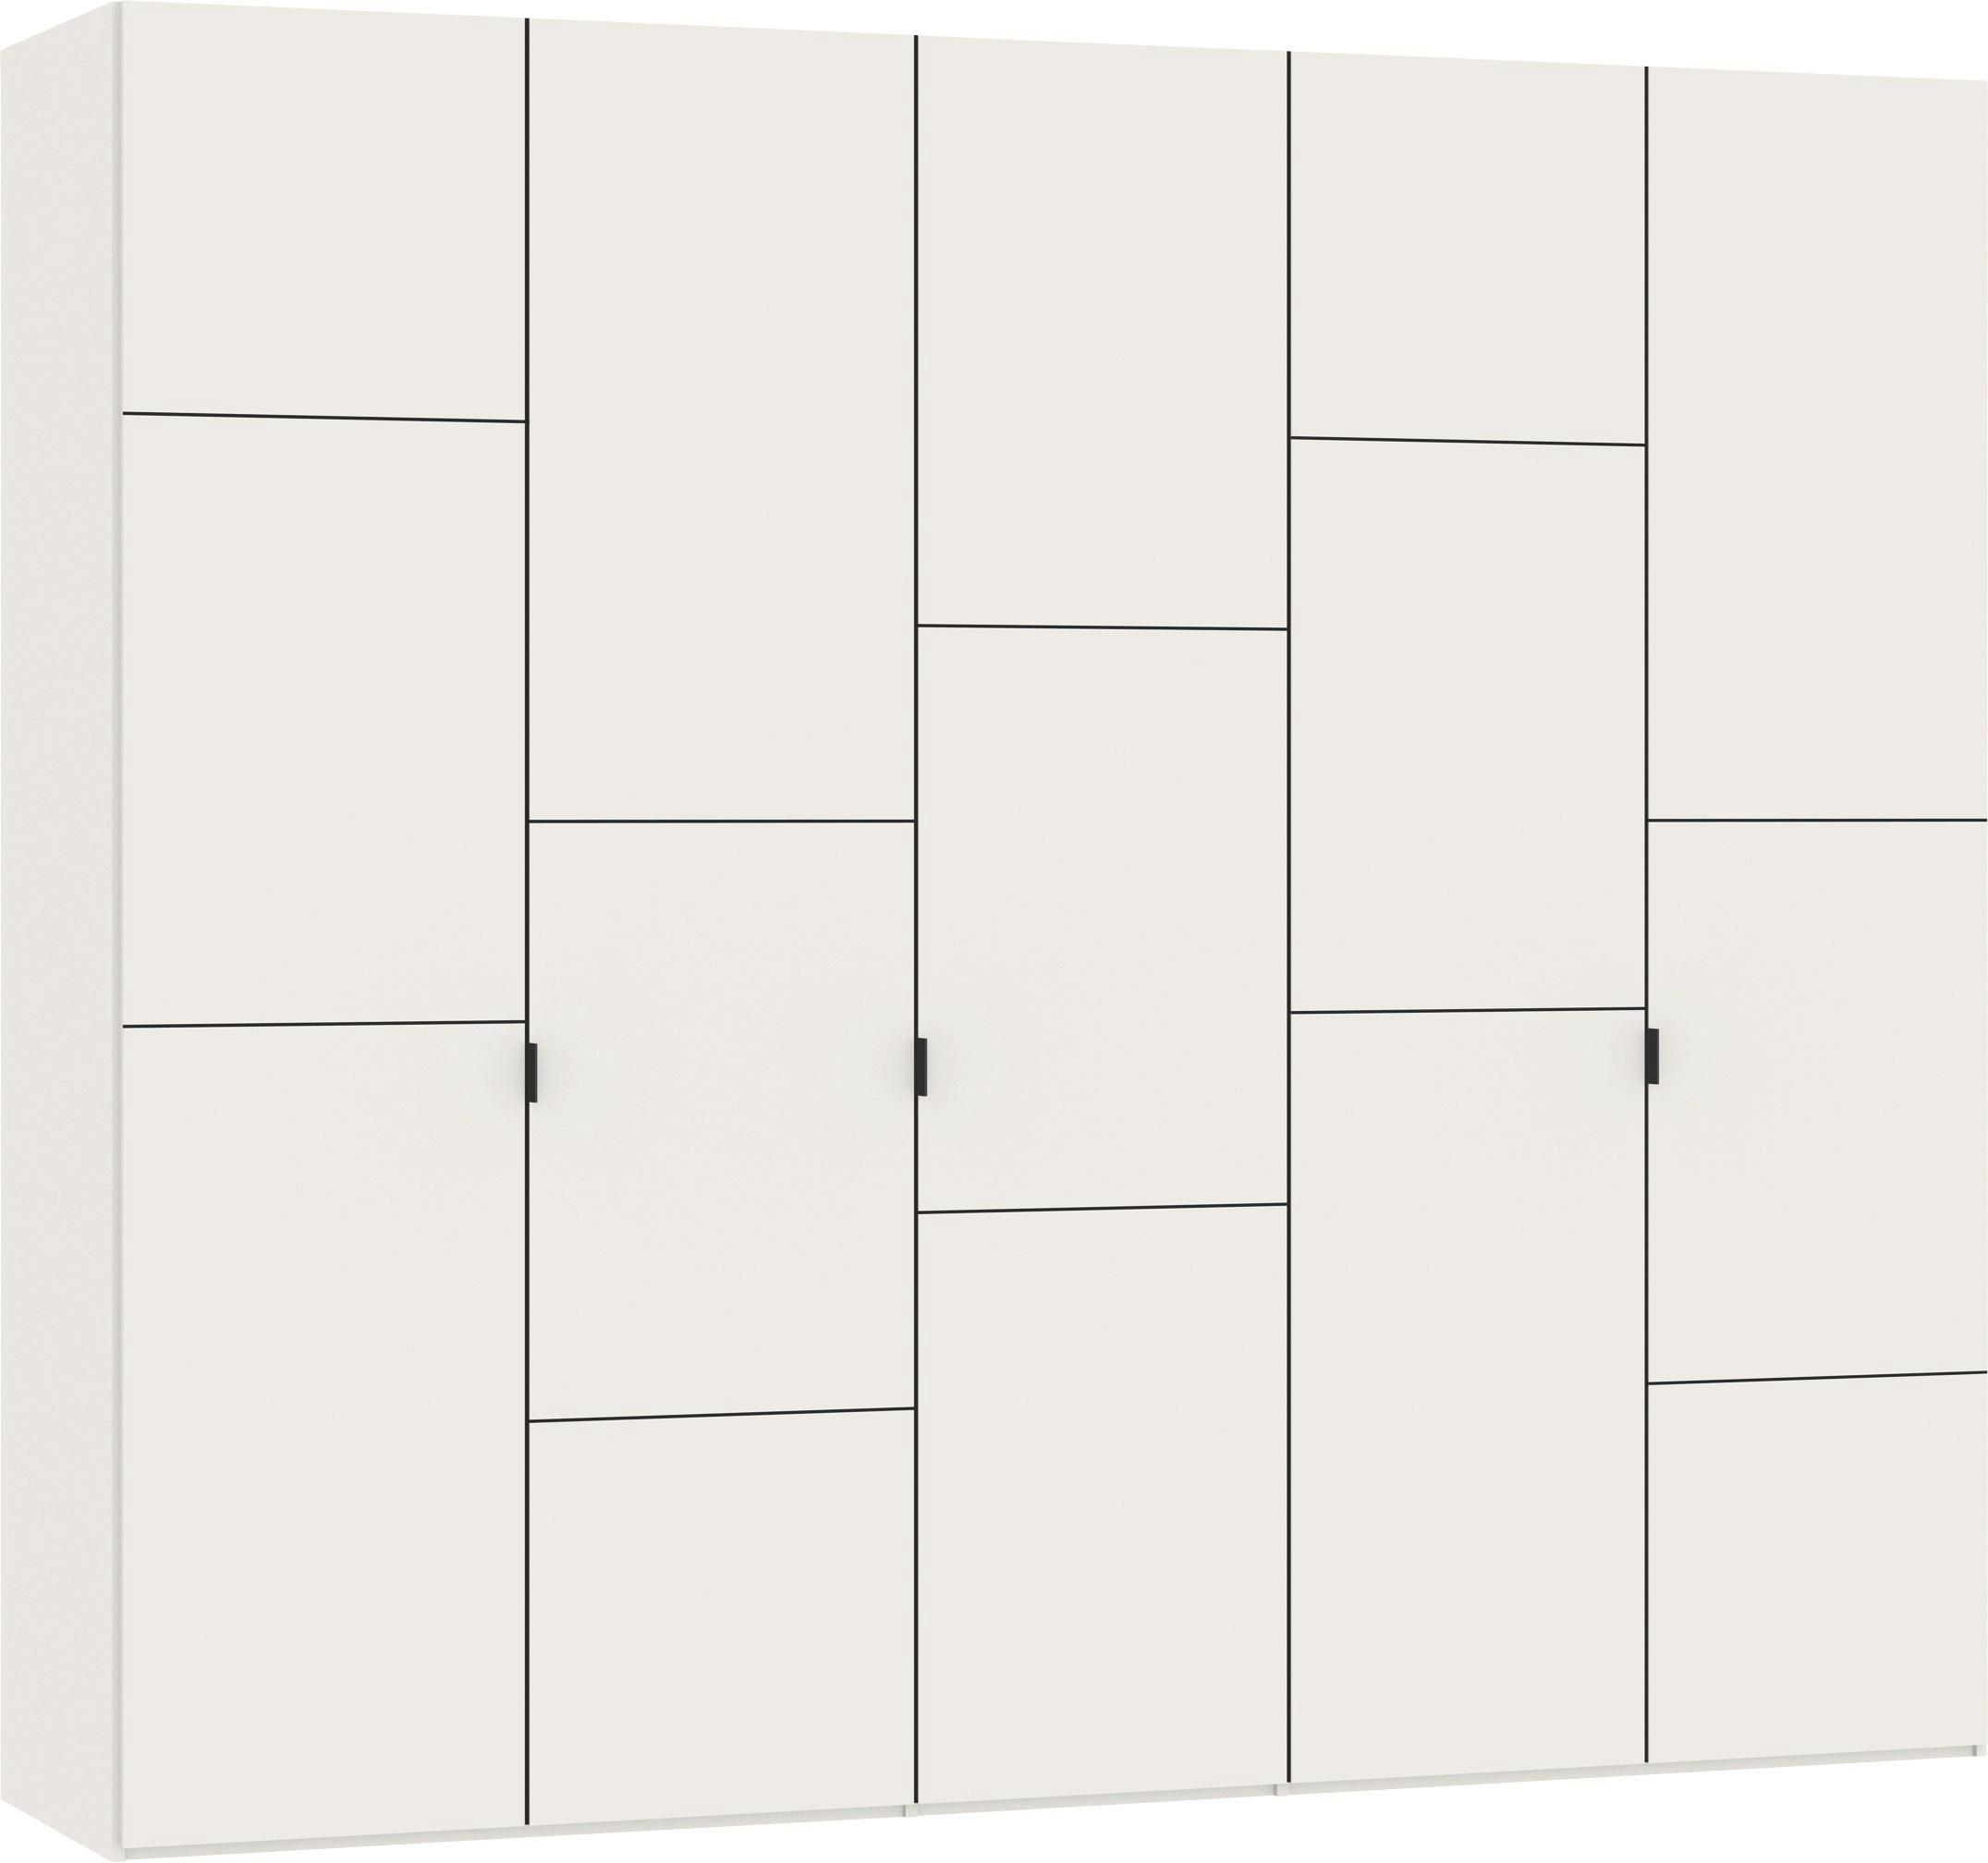 DREHTÜRENSCHRANK 5  -türig Weiß - Silberfarben/Weiß, Design, Holzwerkstoff/Metall (252,8/220/59cm) - JUTZLER